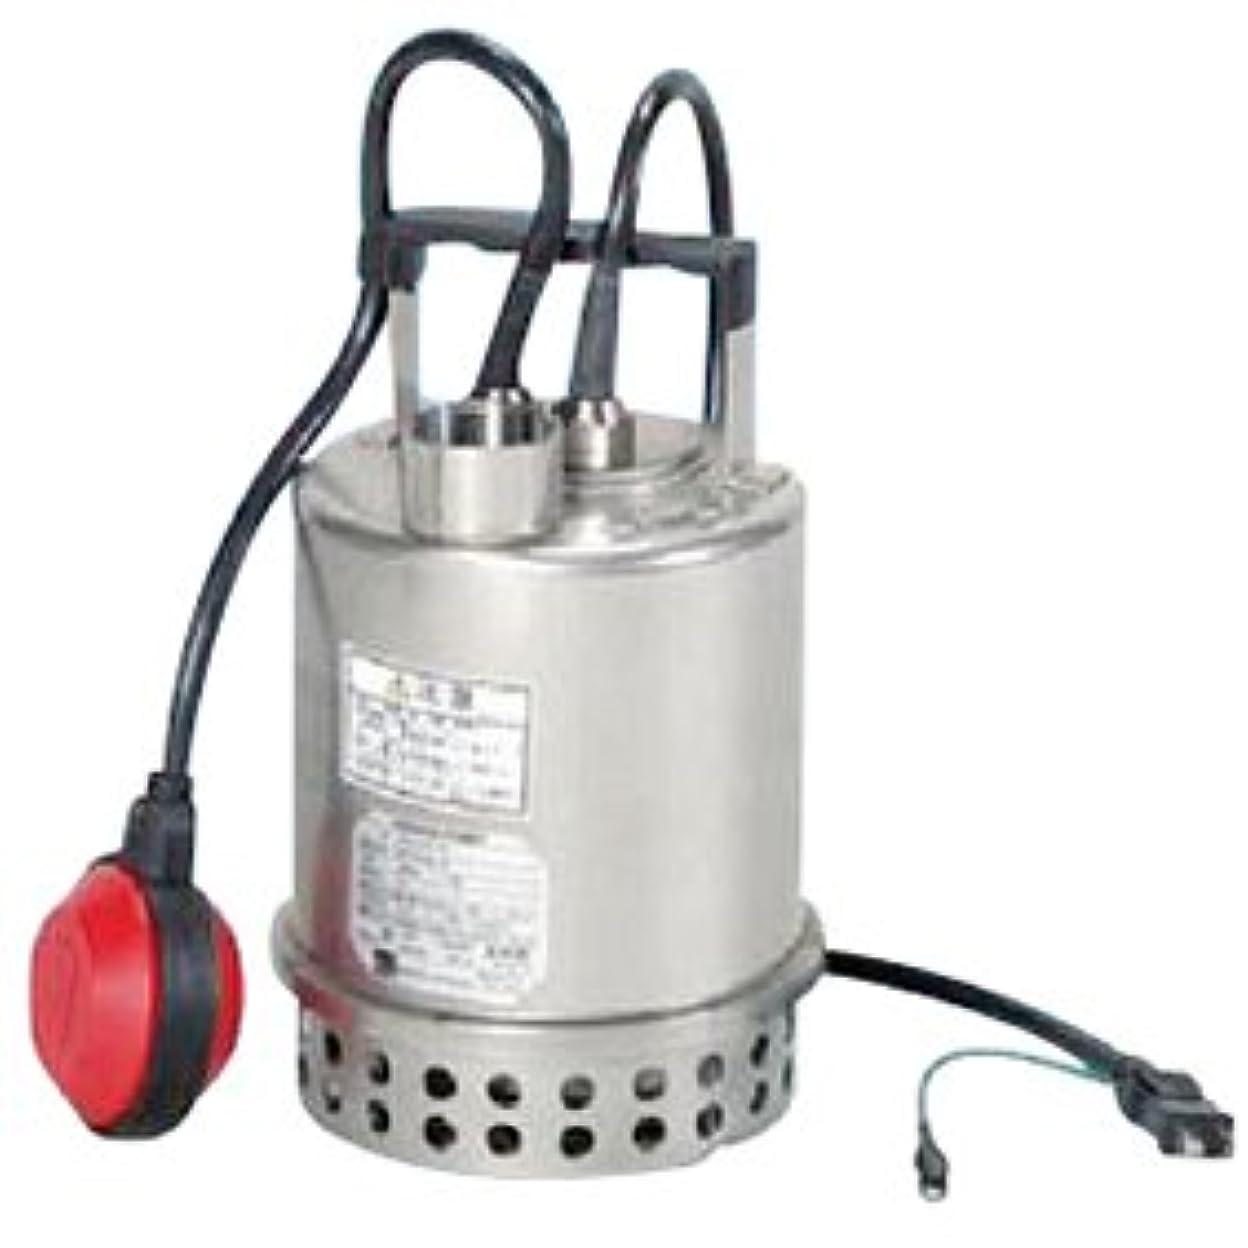 シミュレートするエッセイ悲鳴エバラポンプ(荏原製作所) P707型 ステンレス製水中ポンプ(PONTOS) 32P707A5.2SA (自動運転形 0.2kw 100V 50HZ)